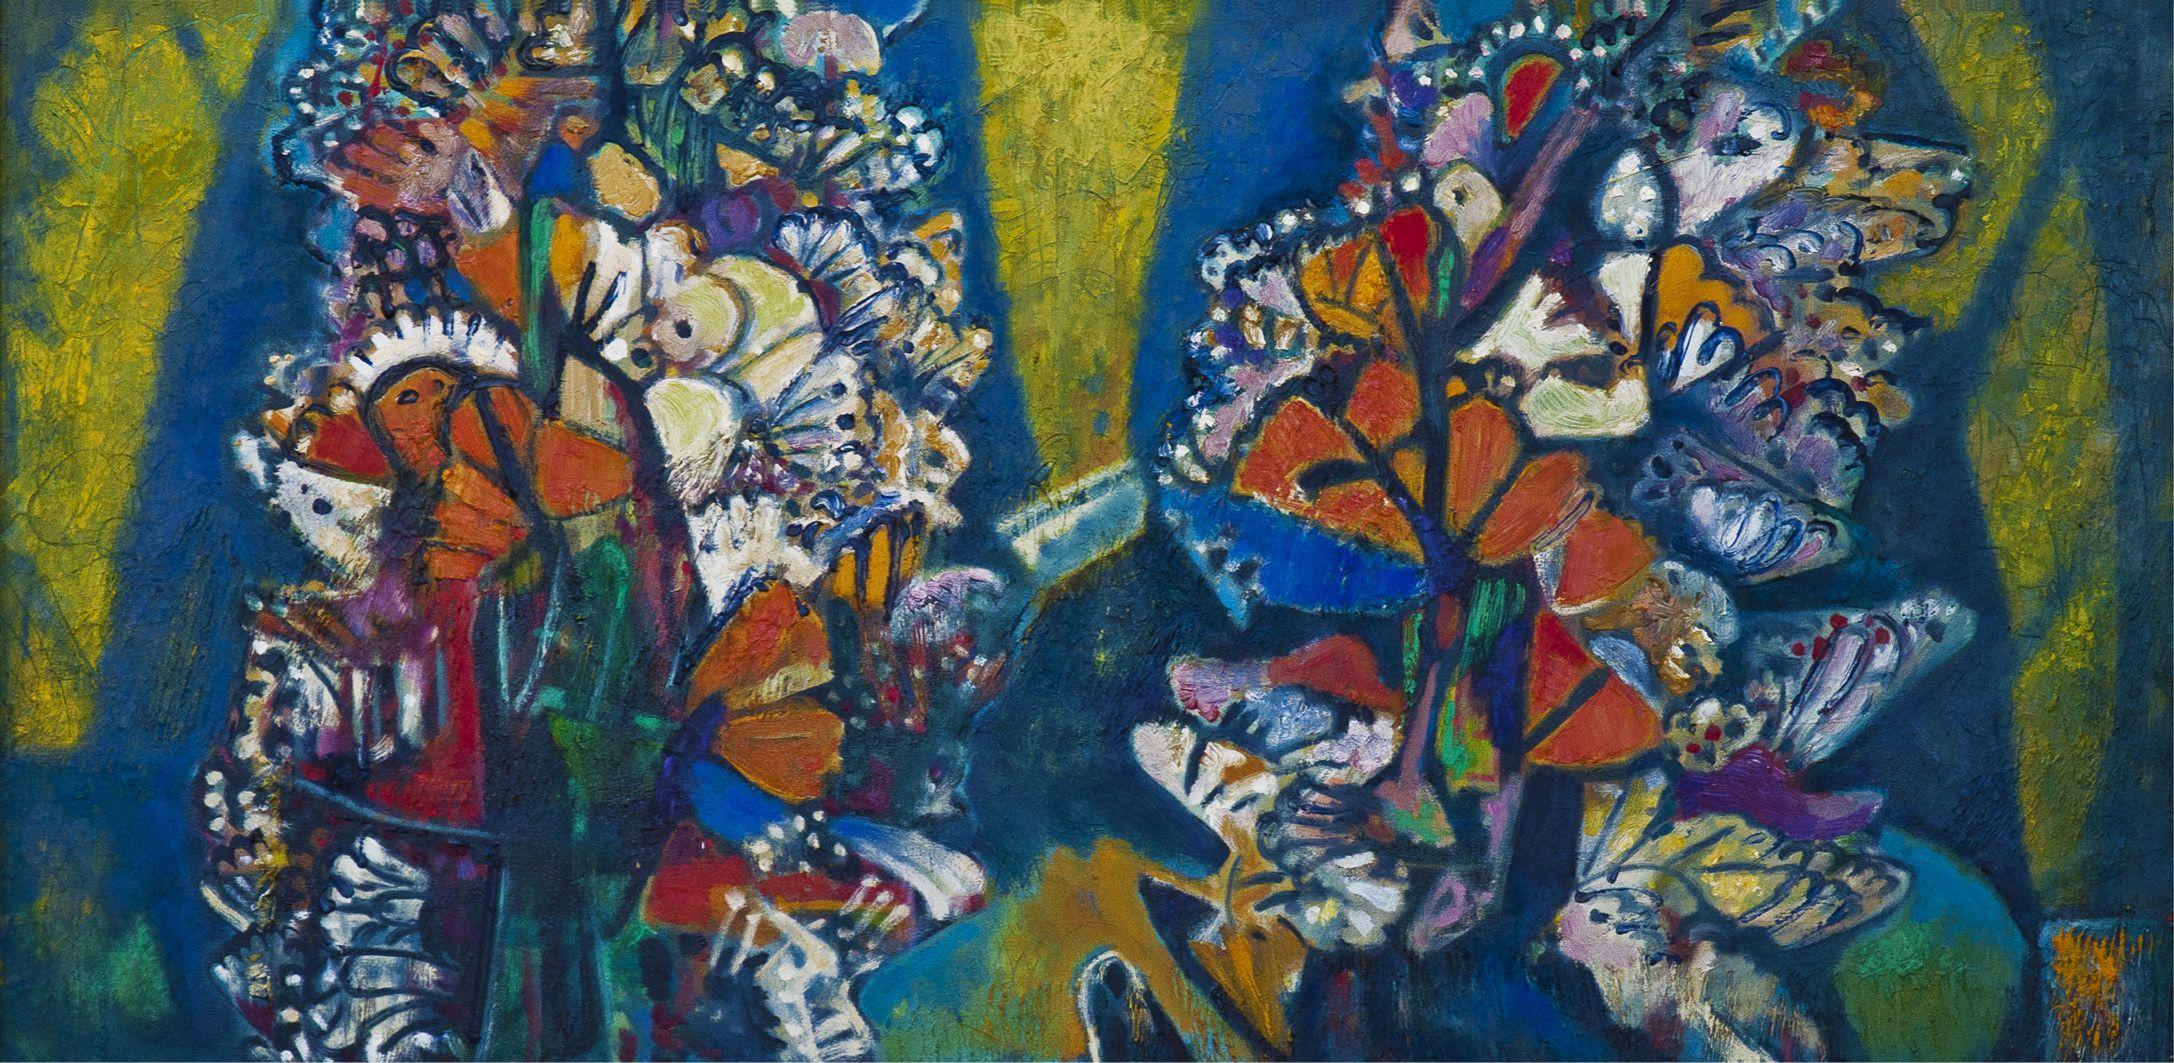 Володимир Риботицький. Метелики, 2009